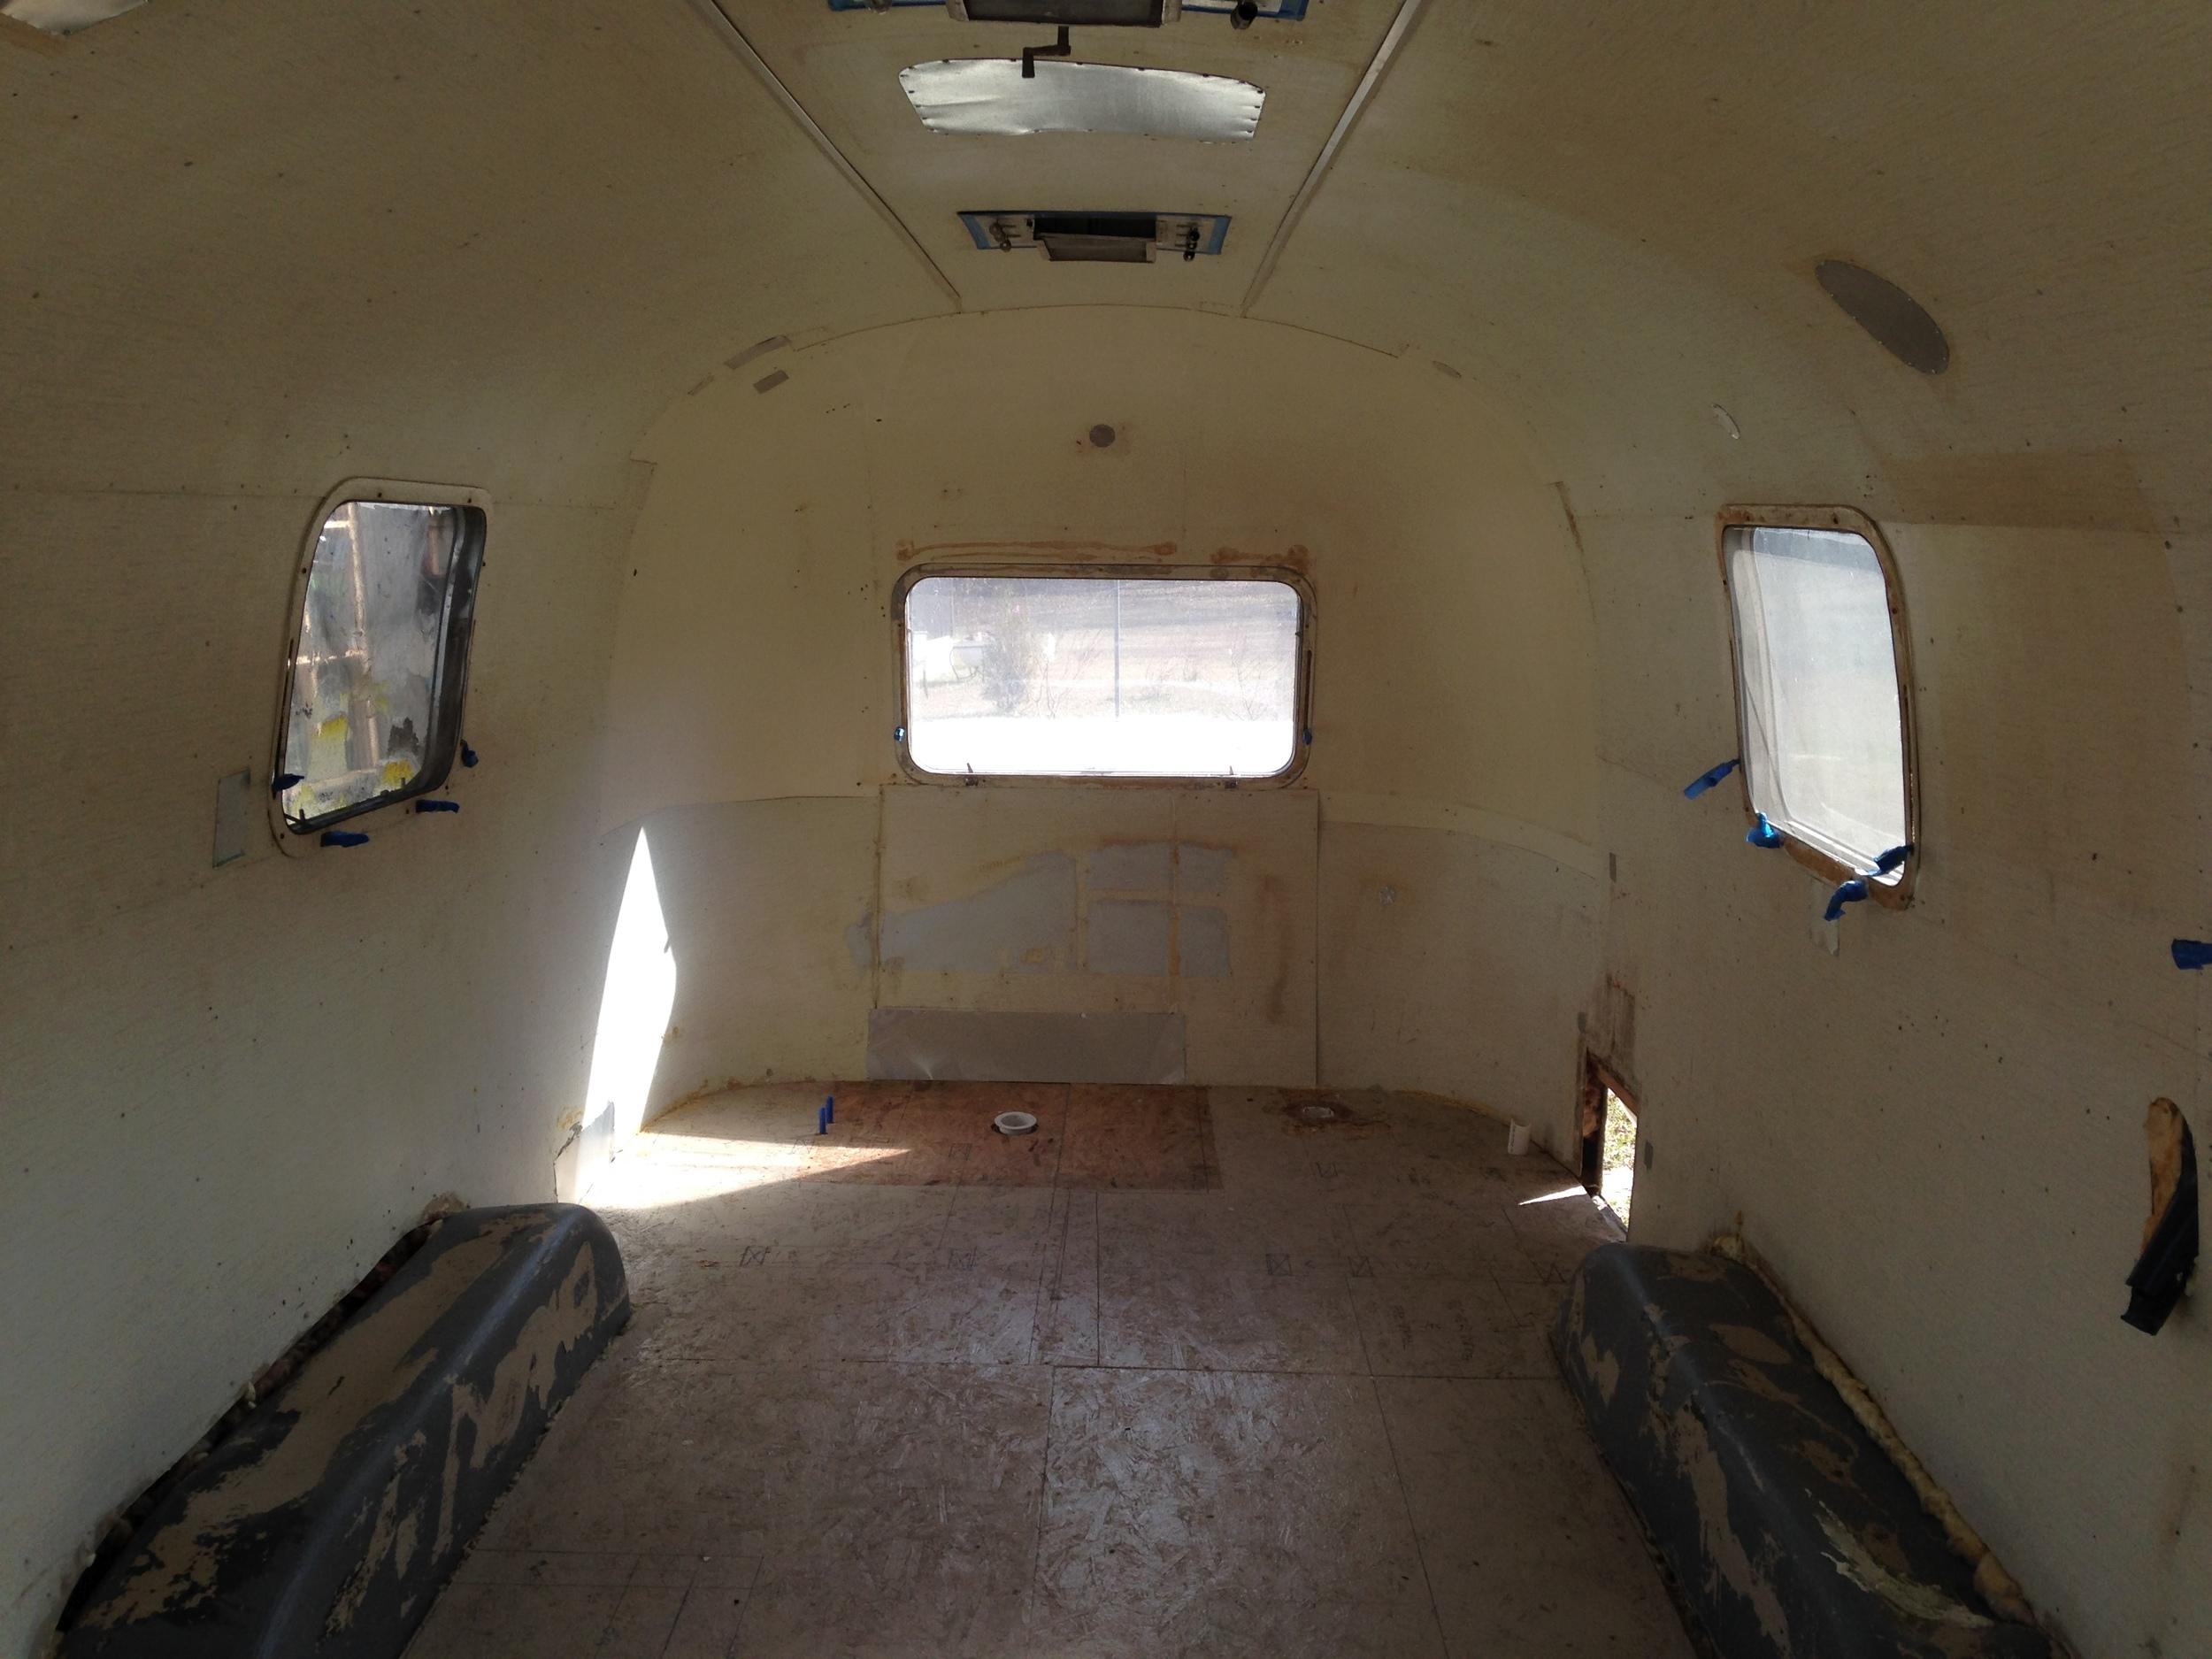 Airstream unpainted